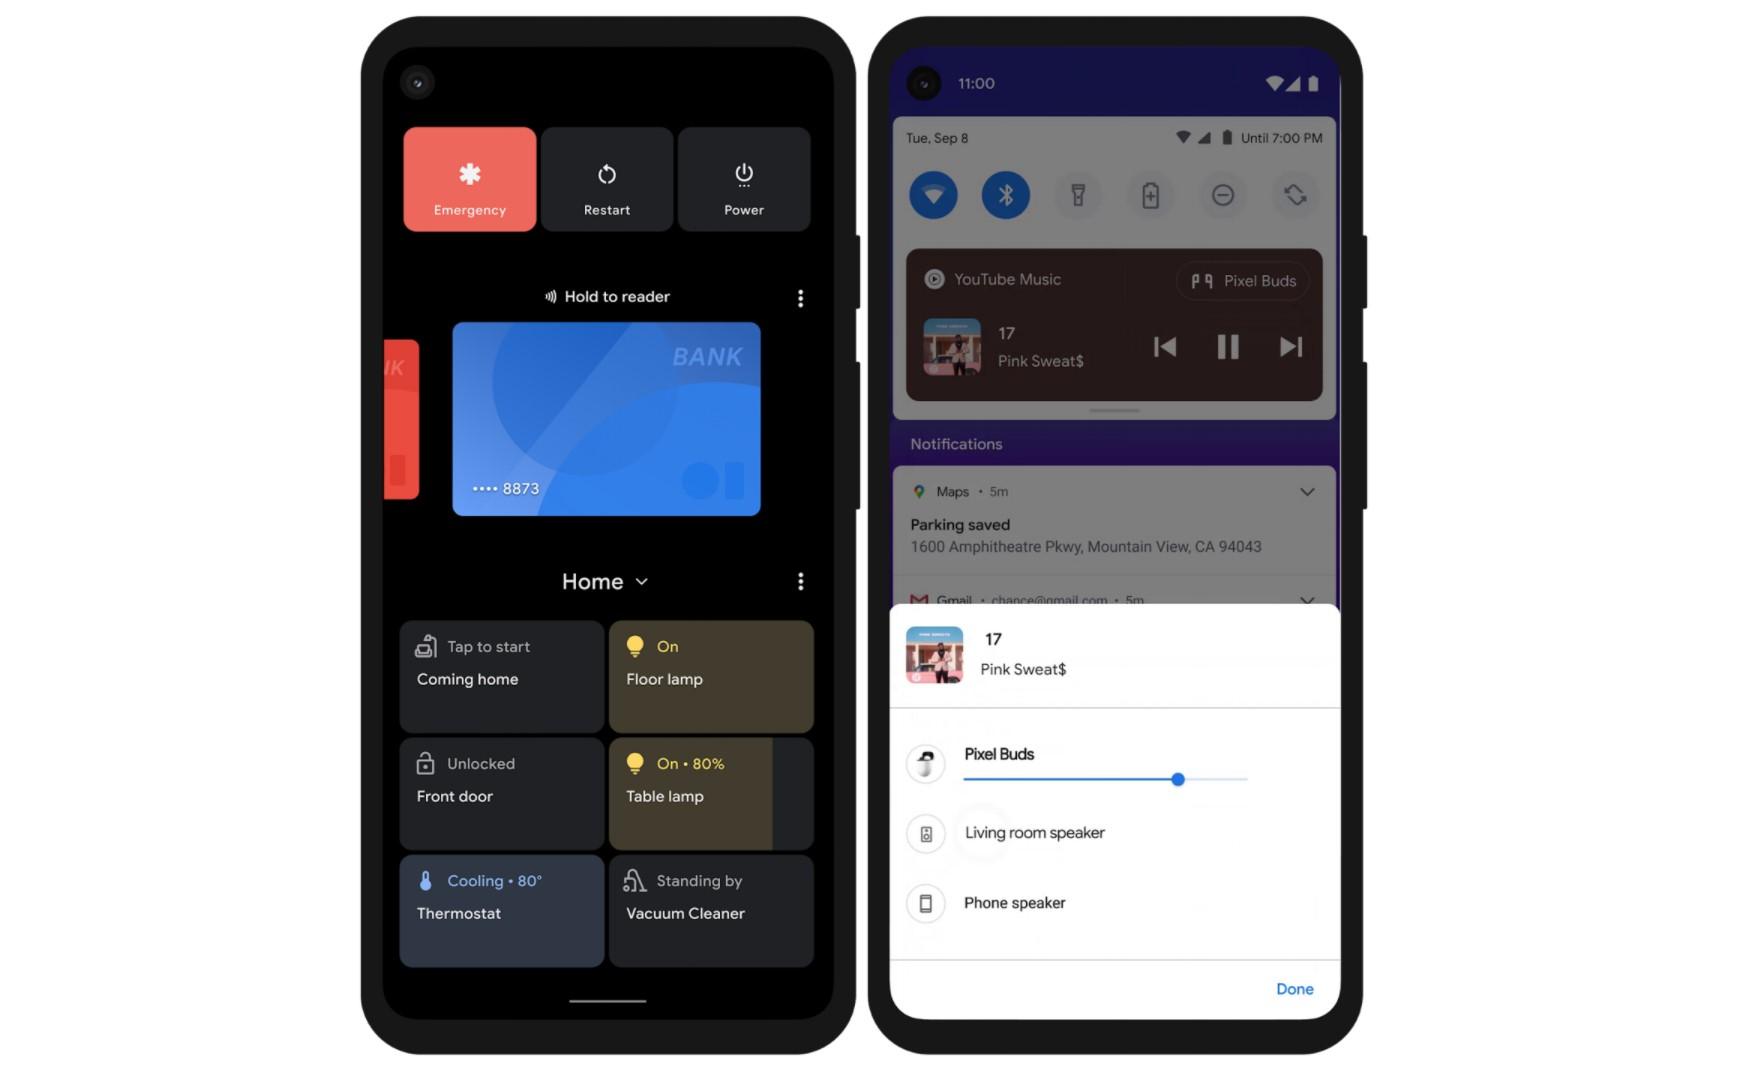 Вышел Android 11 с единым разделом для мессенджеров, записью экрана и управлением smart-устройствами - 7